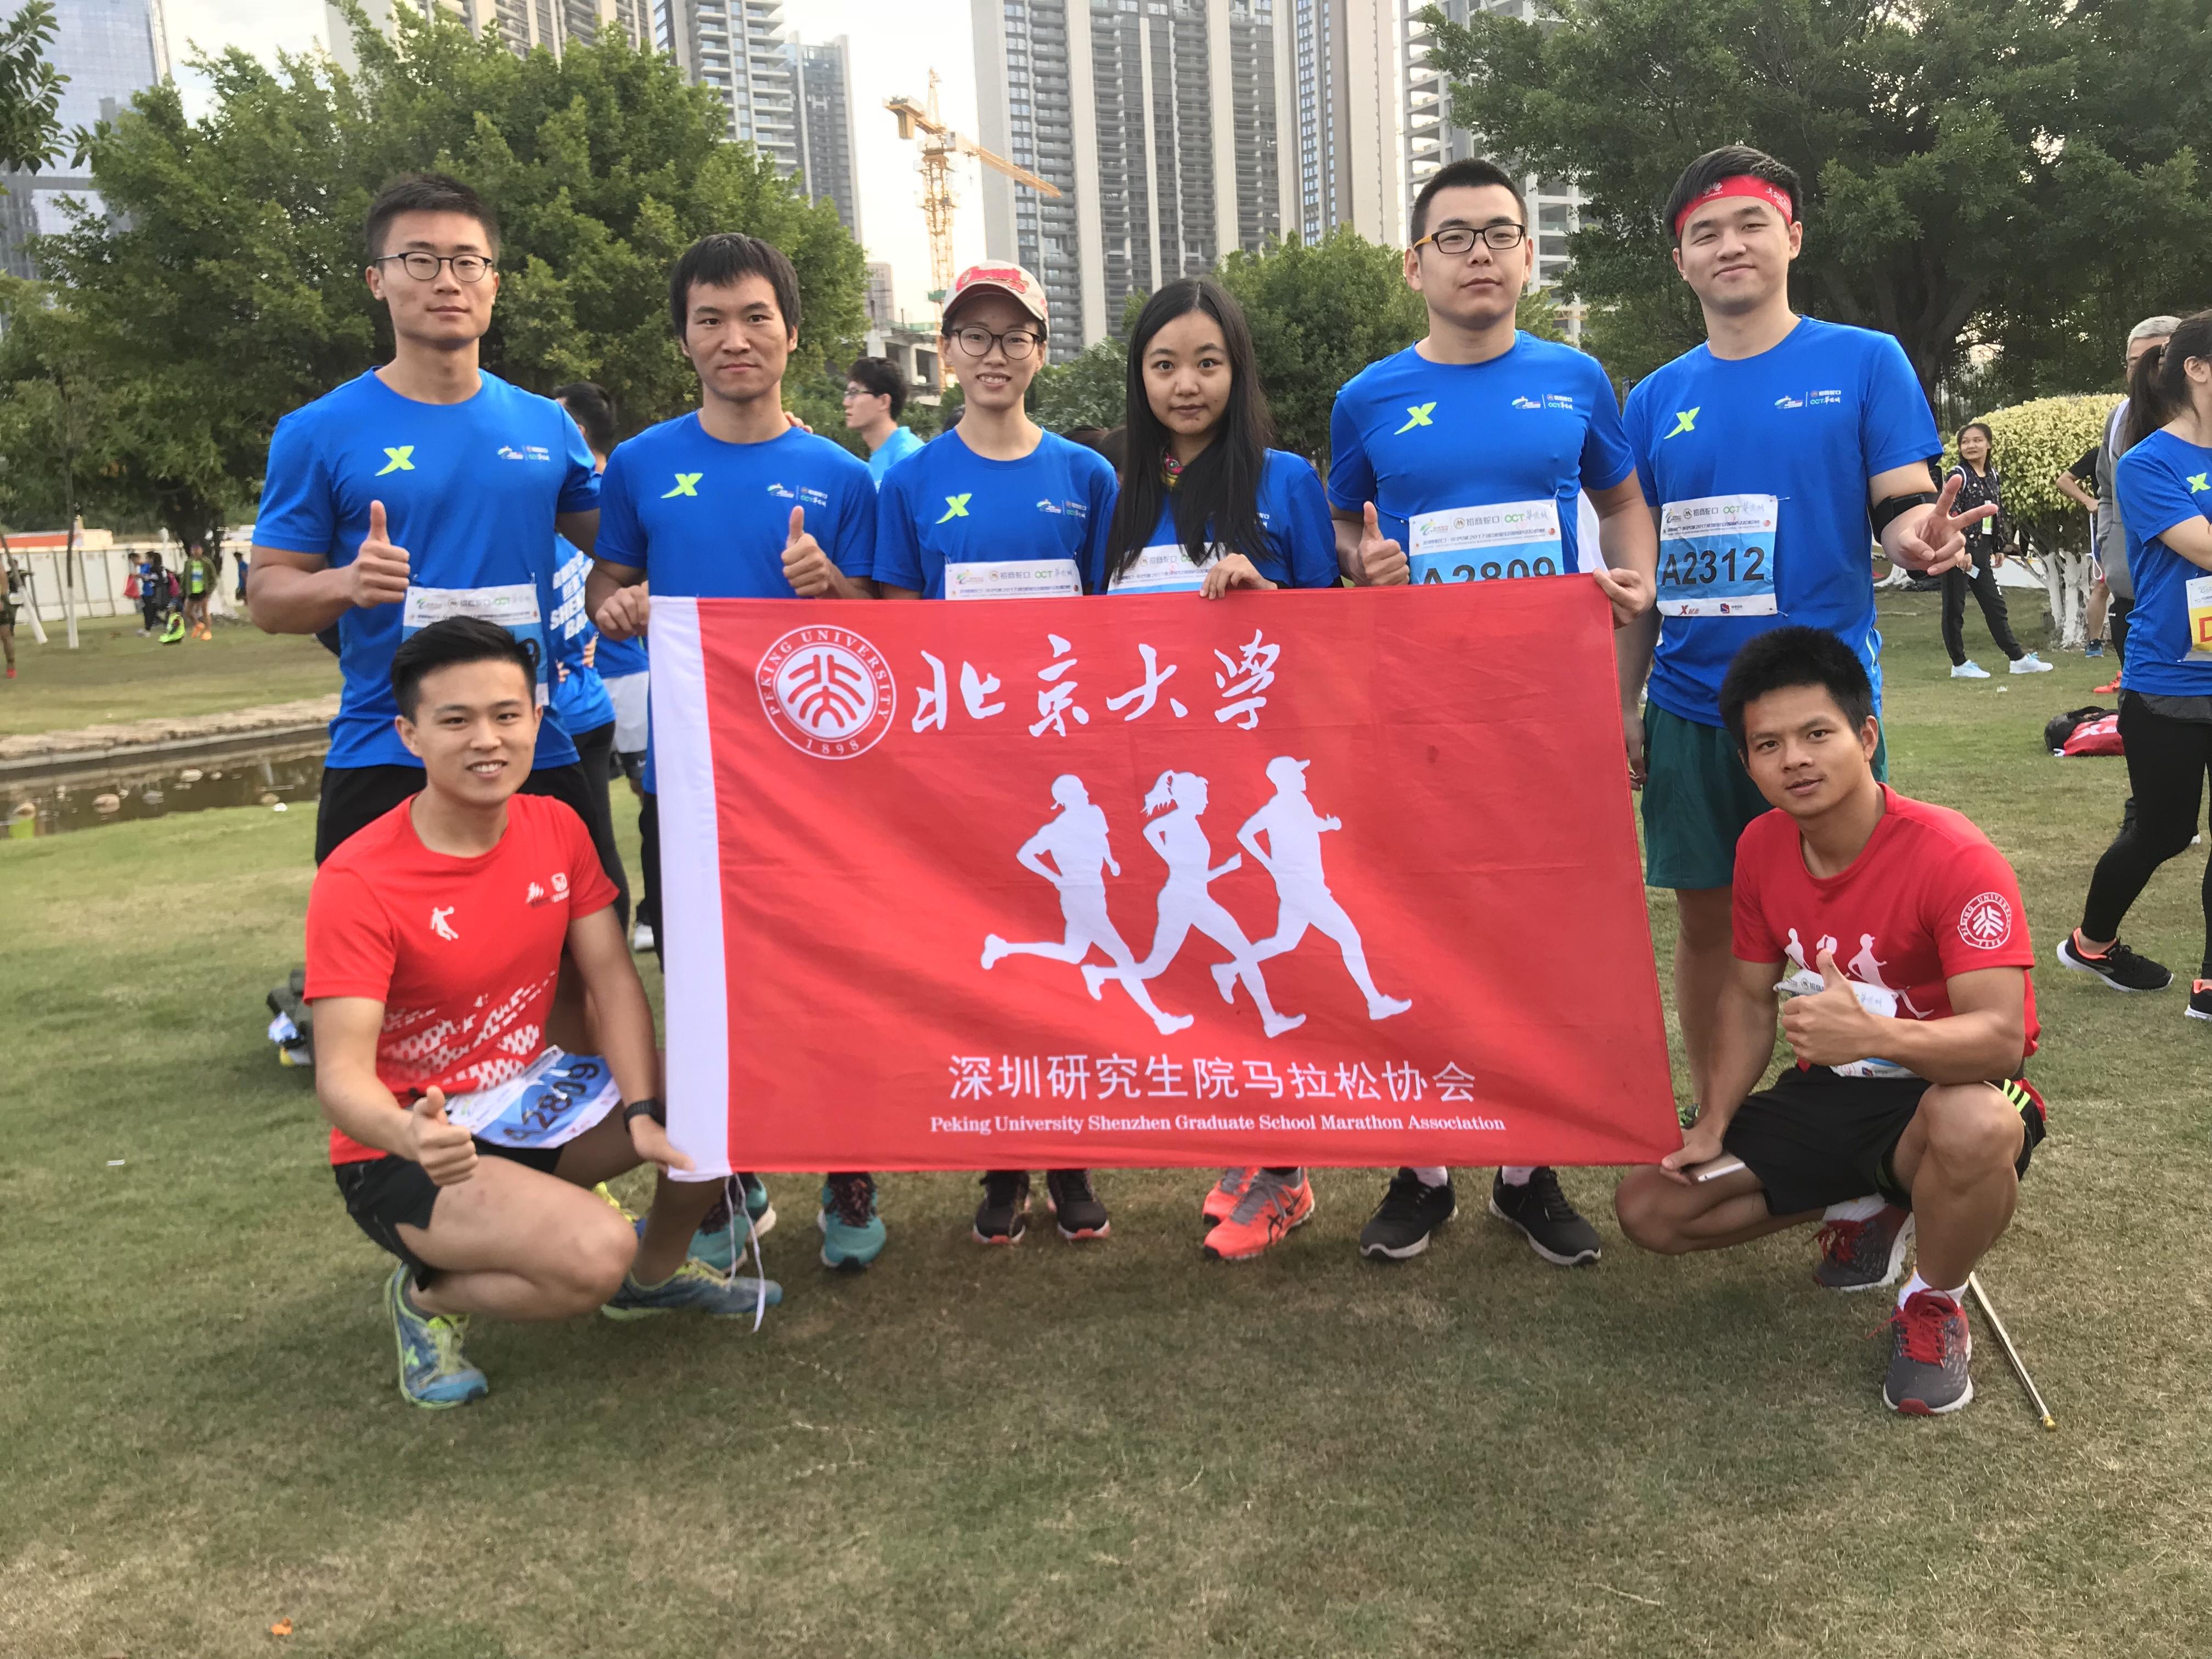 精彩南燕,因为有你:社团风采——南燕马拉松协会